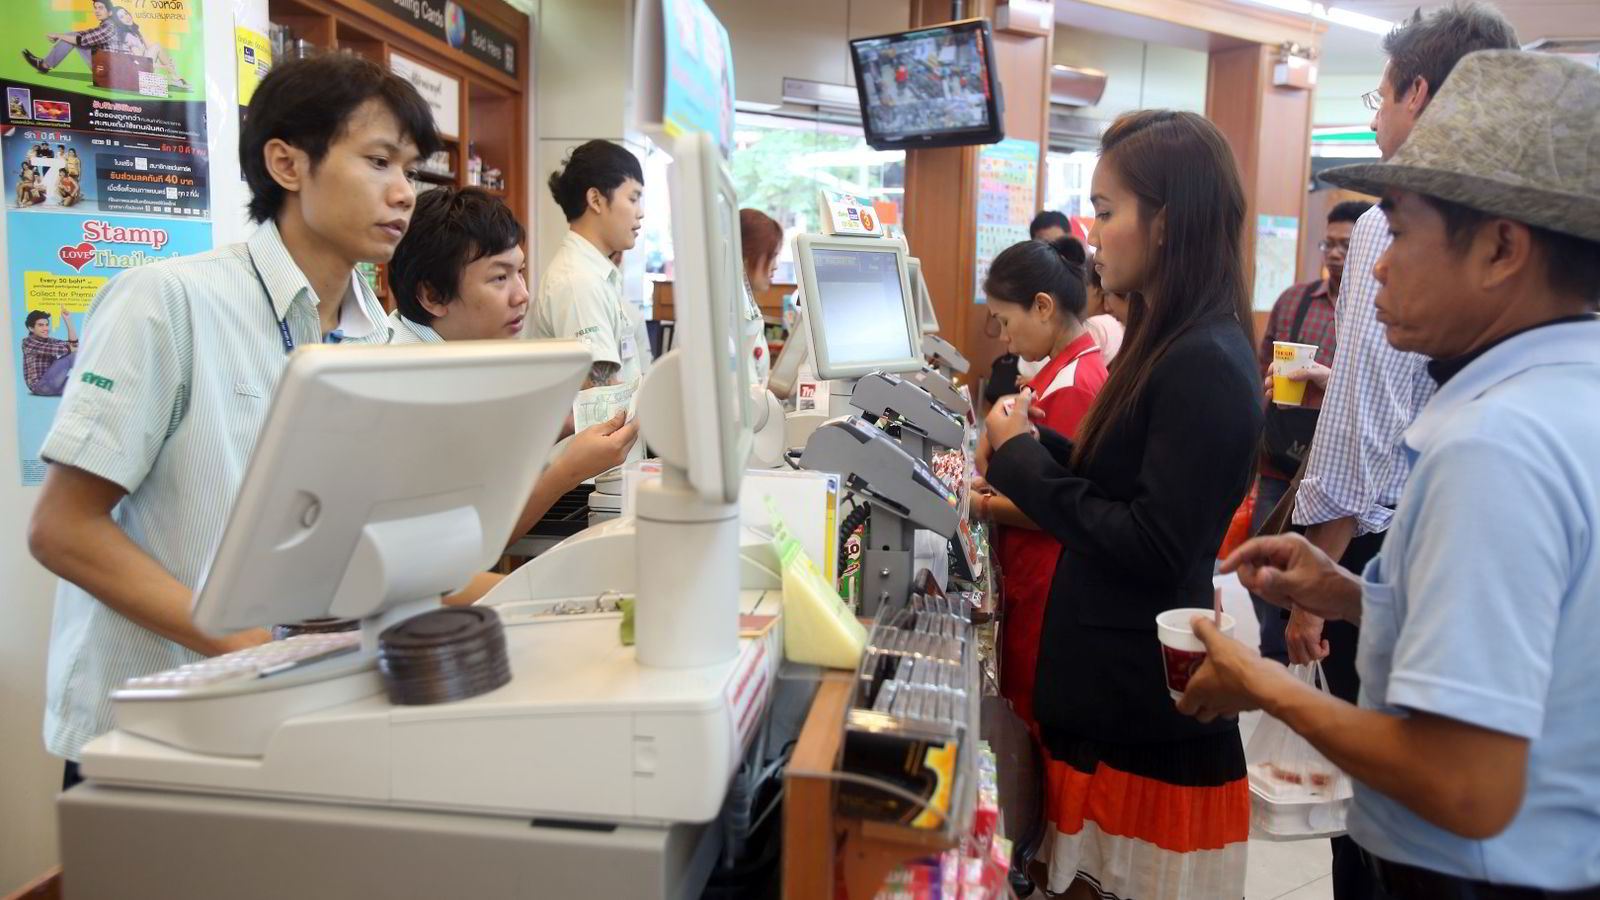 Mange selskaper i Asia har økt gjelden i amerikanske dollar kraftig. Et av disse er thailandske Charoen Pokphand (CP) som blant annet driver 7-Eleven-utsalg i Bangkok via datterselskapet CP All. Bildet er fra et 7-Eleven-utsalg i Bangkok. Foto: Dario Pignatelli/